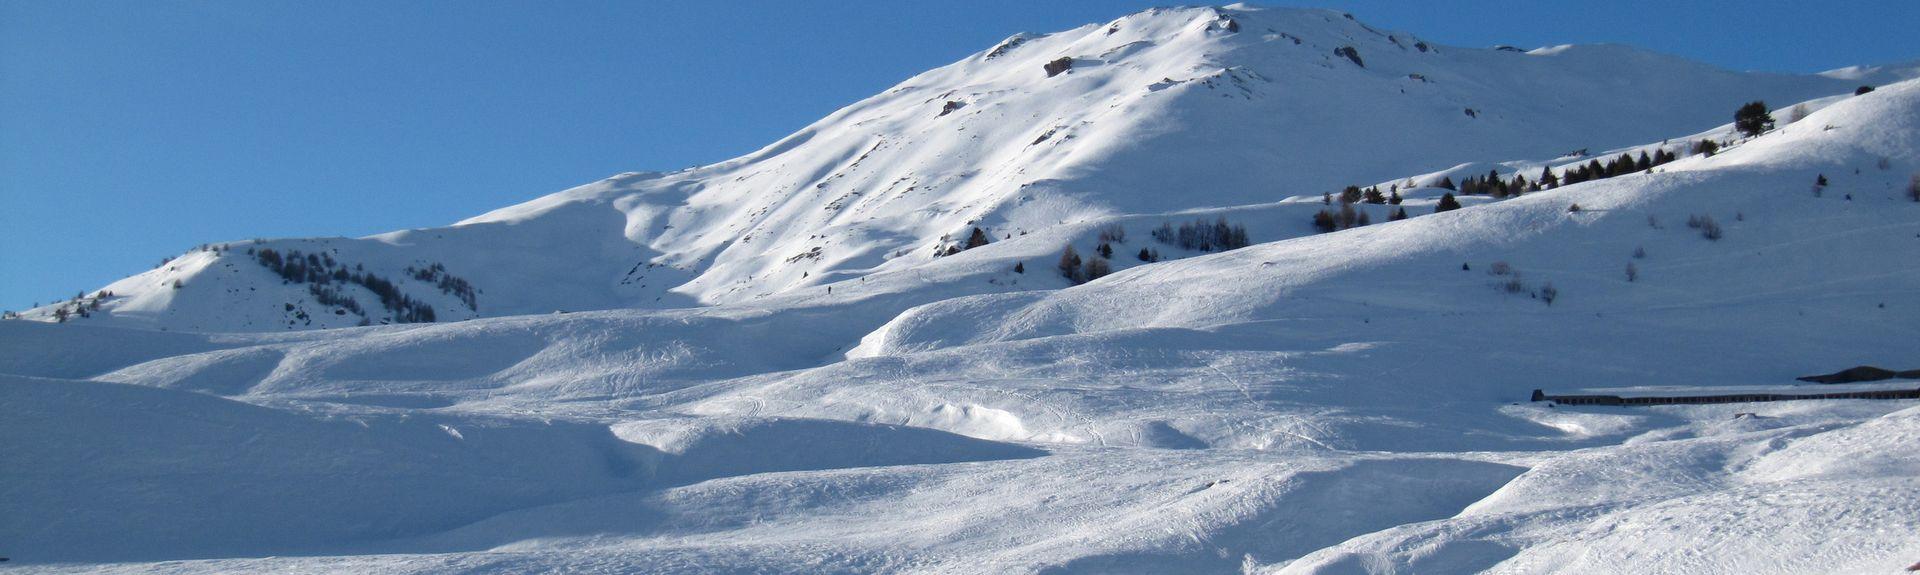 Cogne, Val d'Aoste, Italie